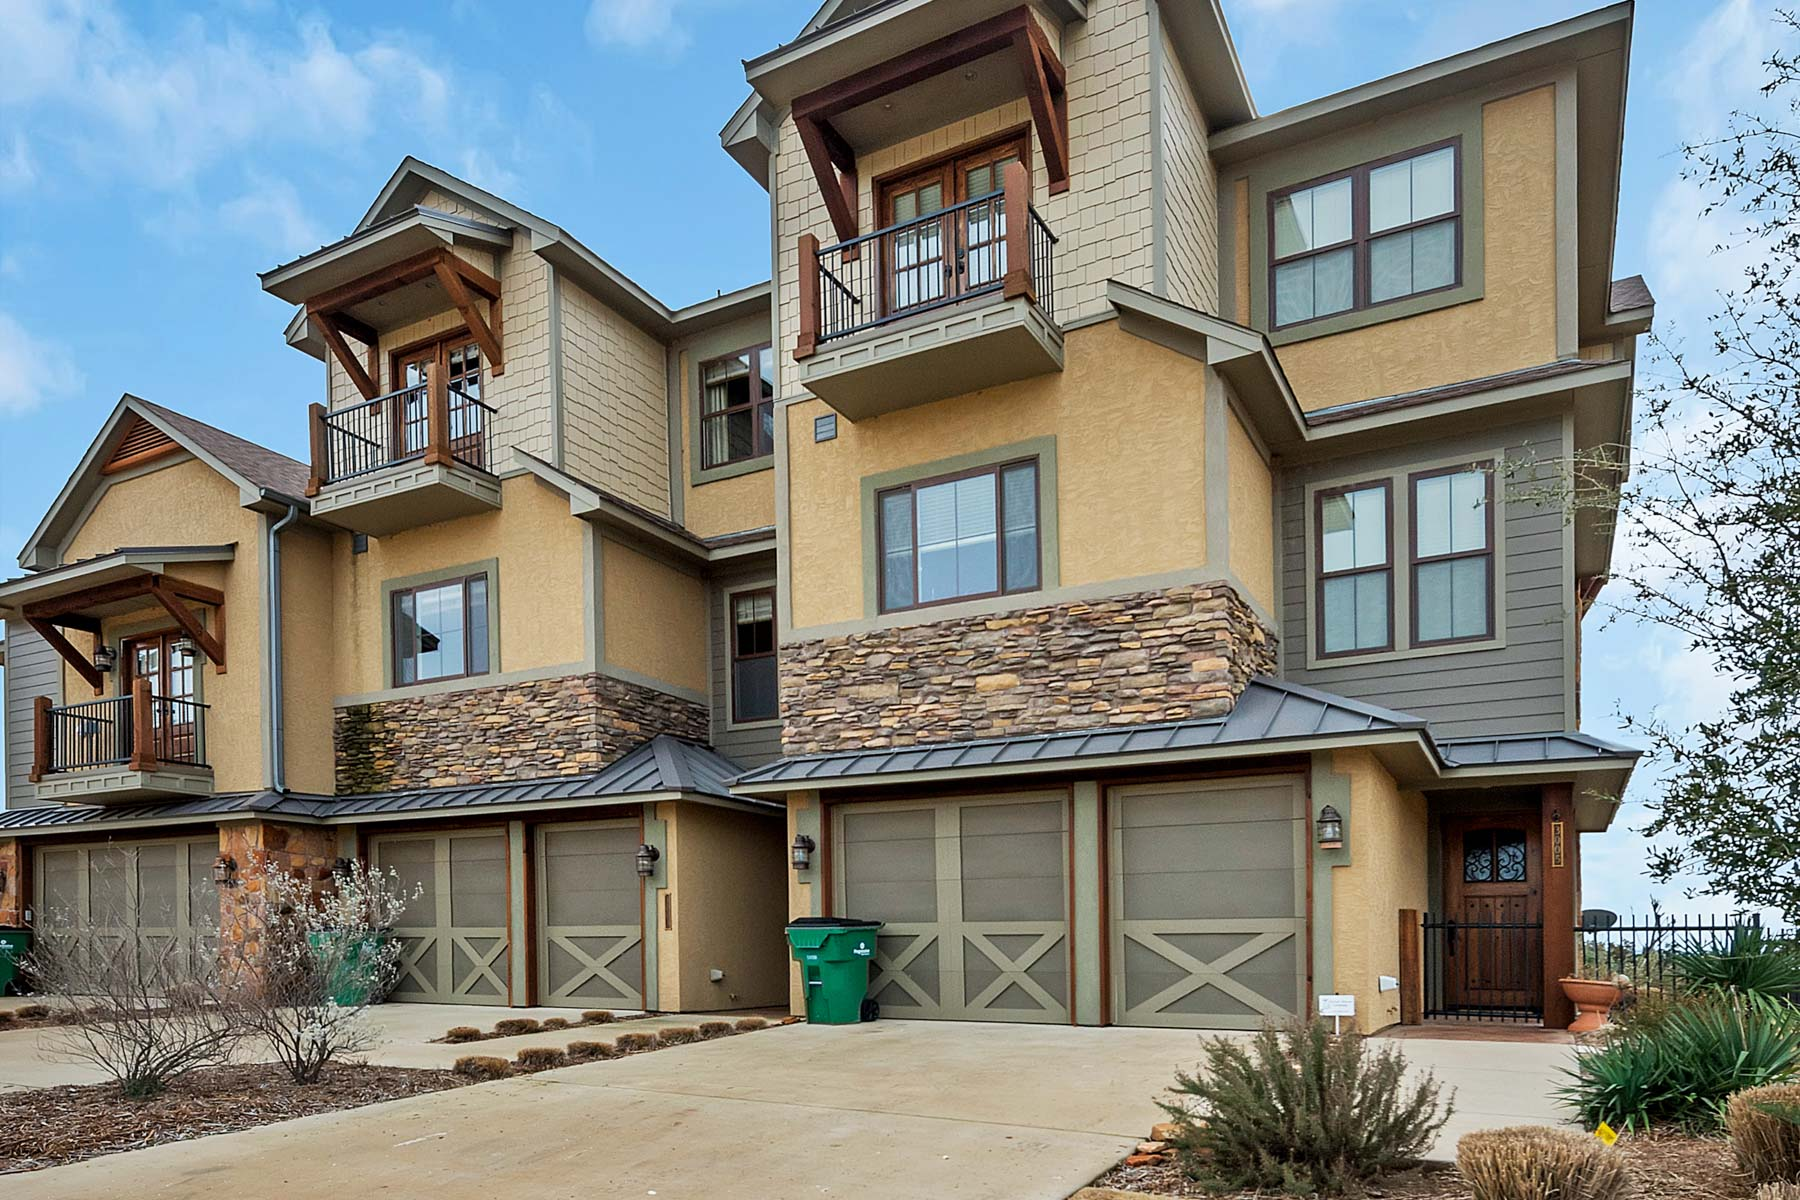 Casa Unifamiliar por un Venta en 3005 Shoreside Point, Graford 3005 Shoreside Pt Graford, Texas, 76449 Estados Unidos